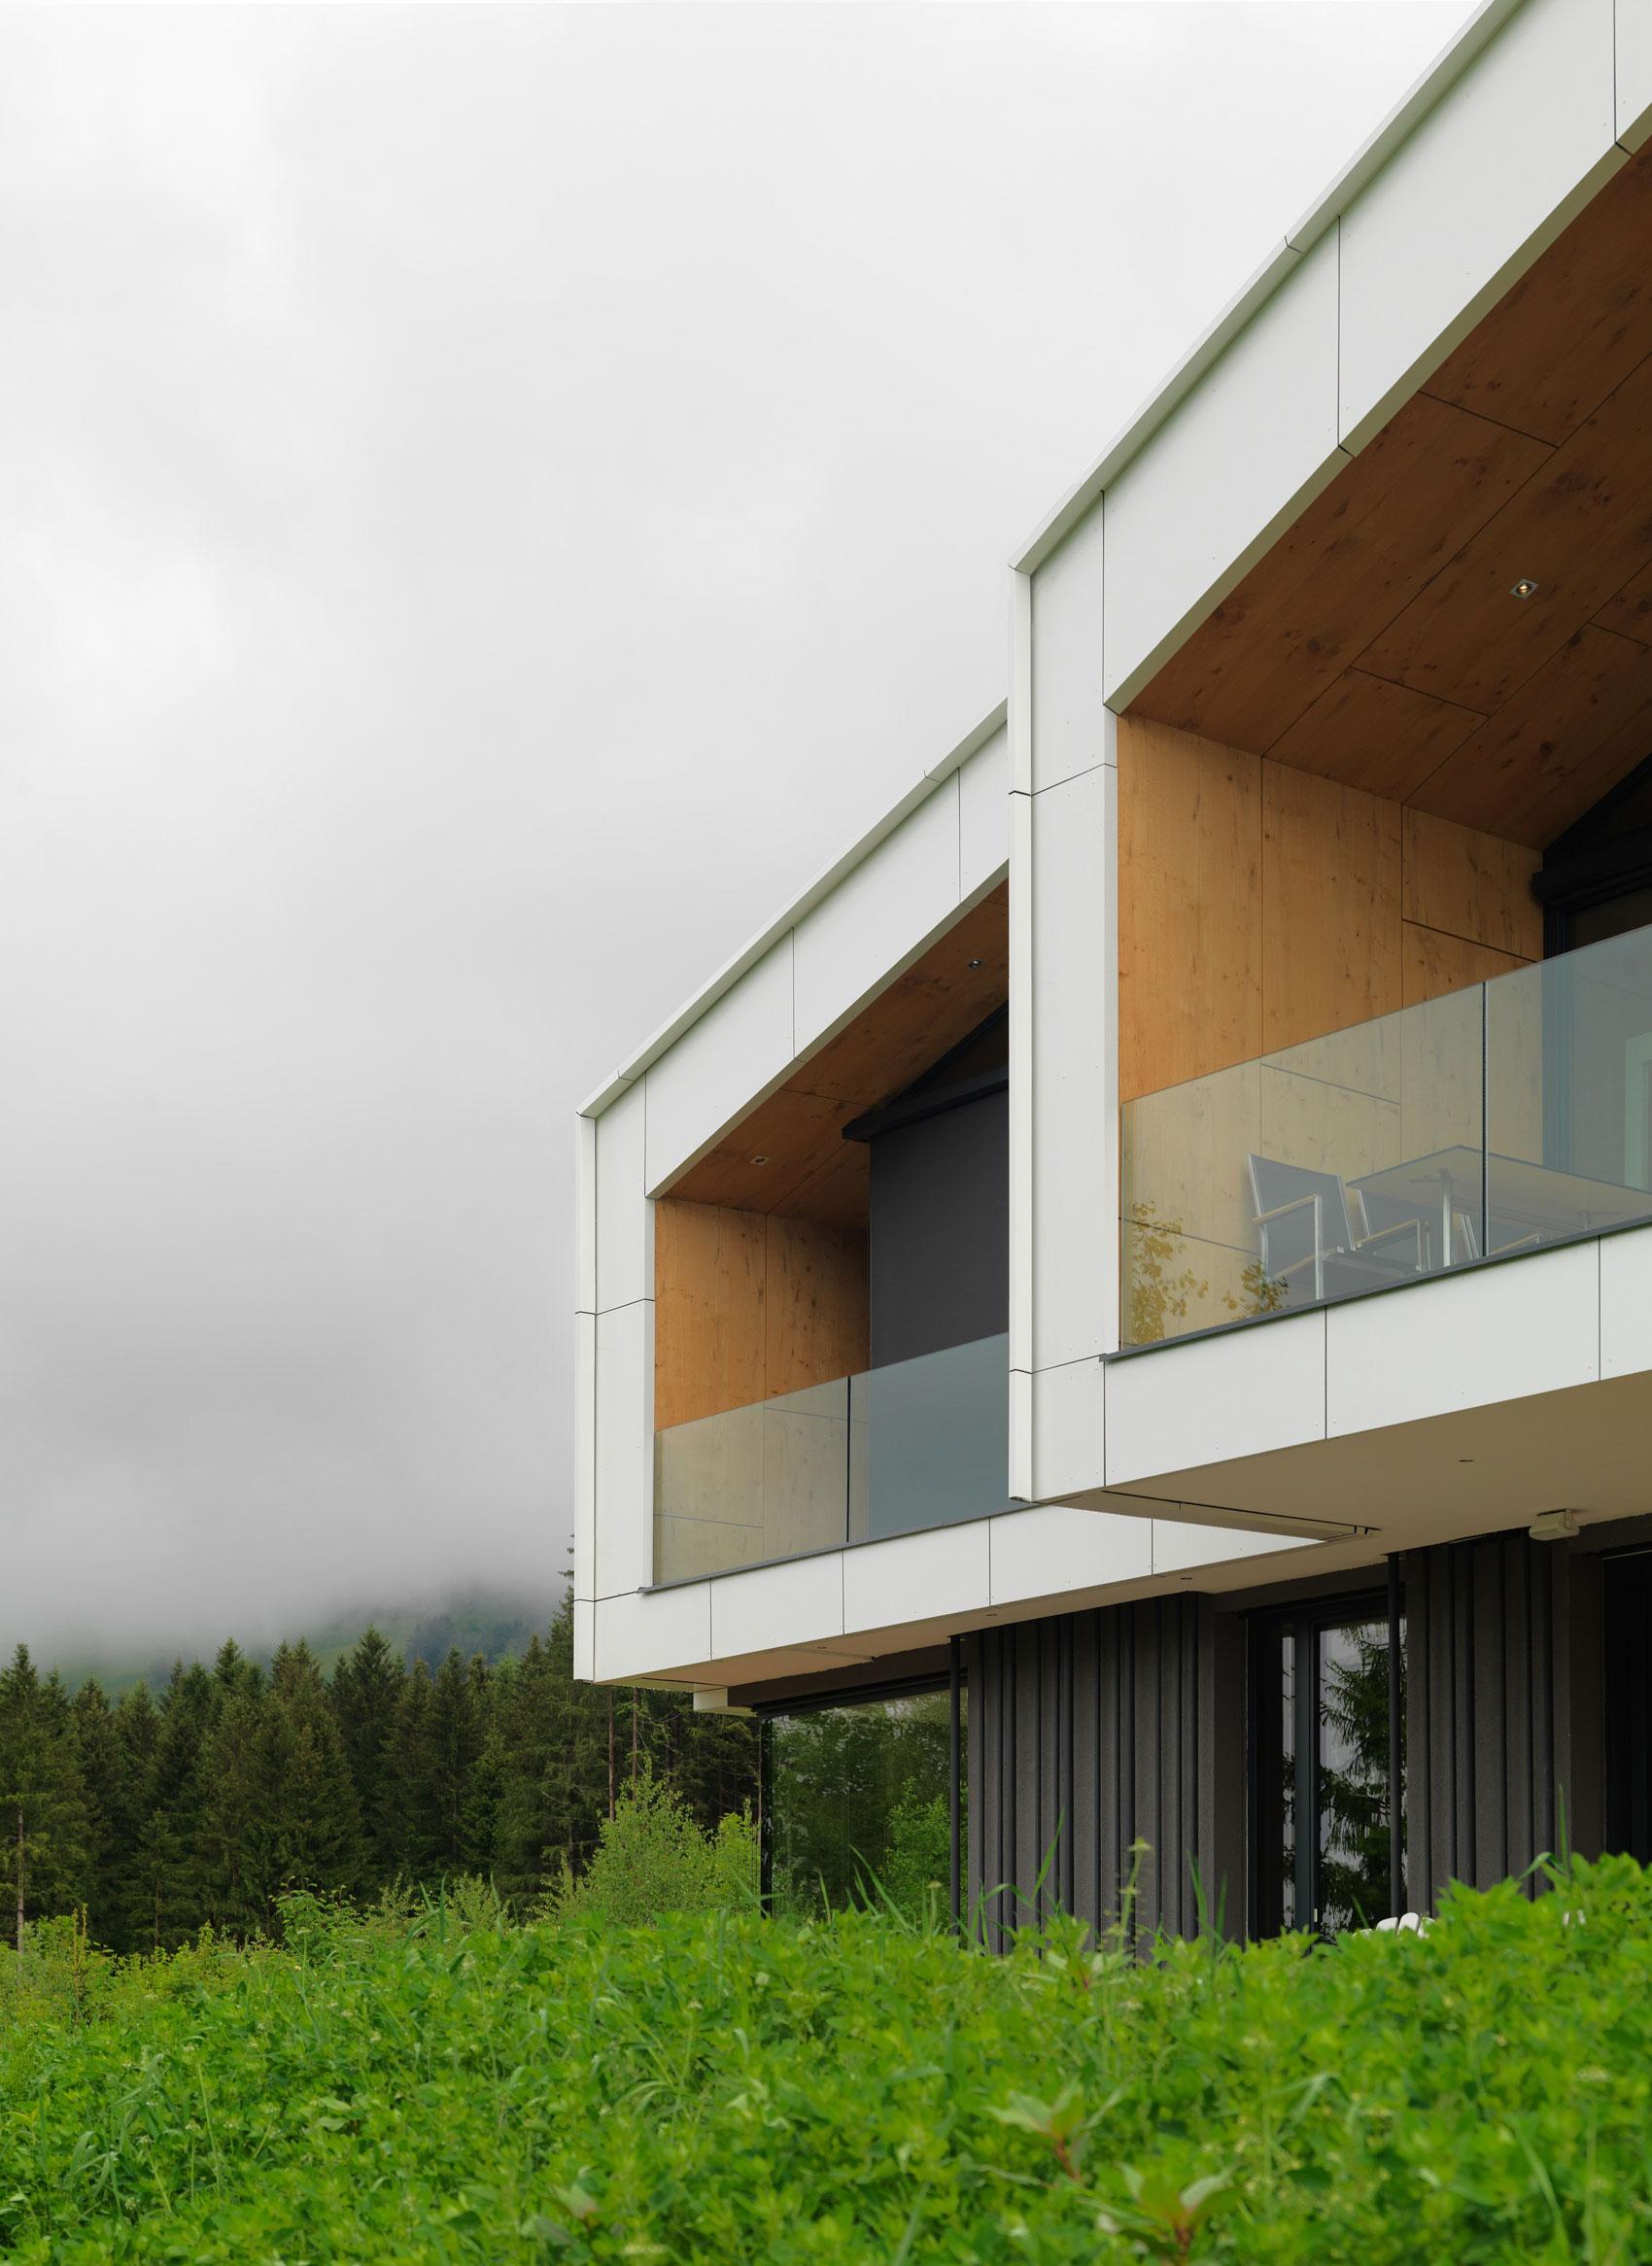 Kitzbuehel Mountain View House by SoNo arhitekti-04